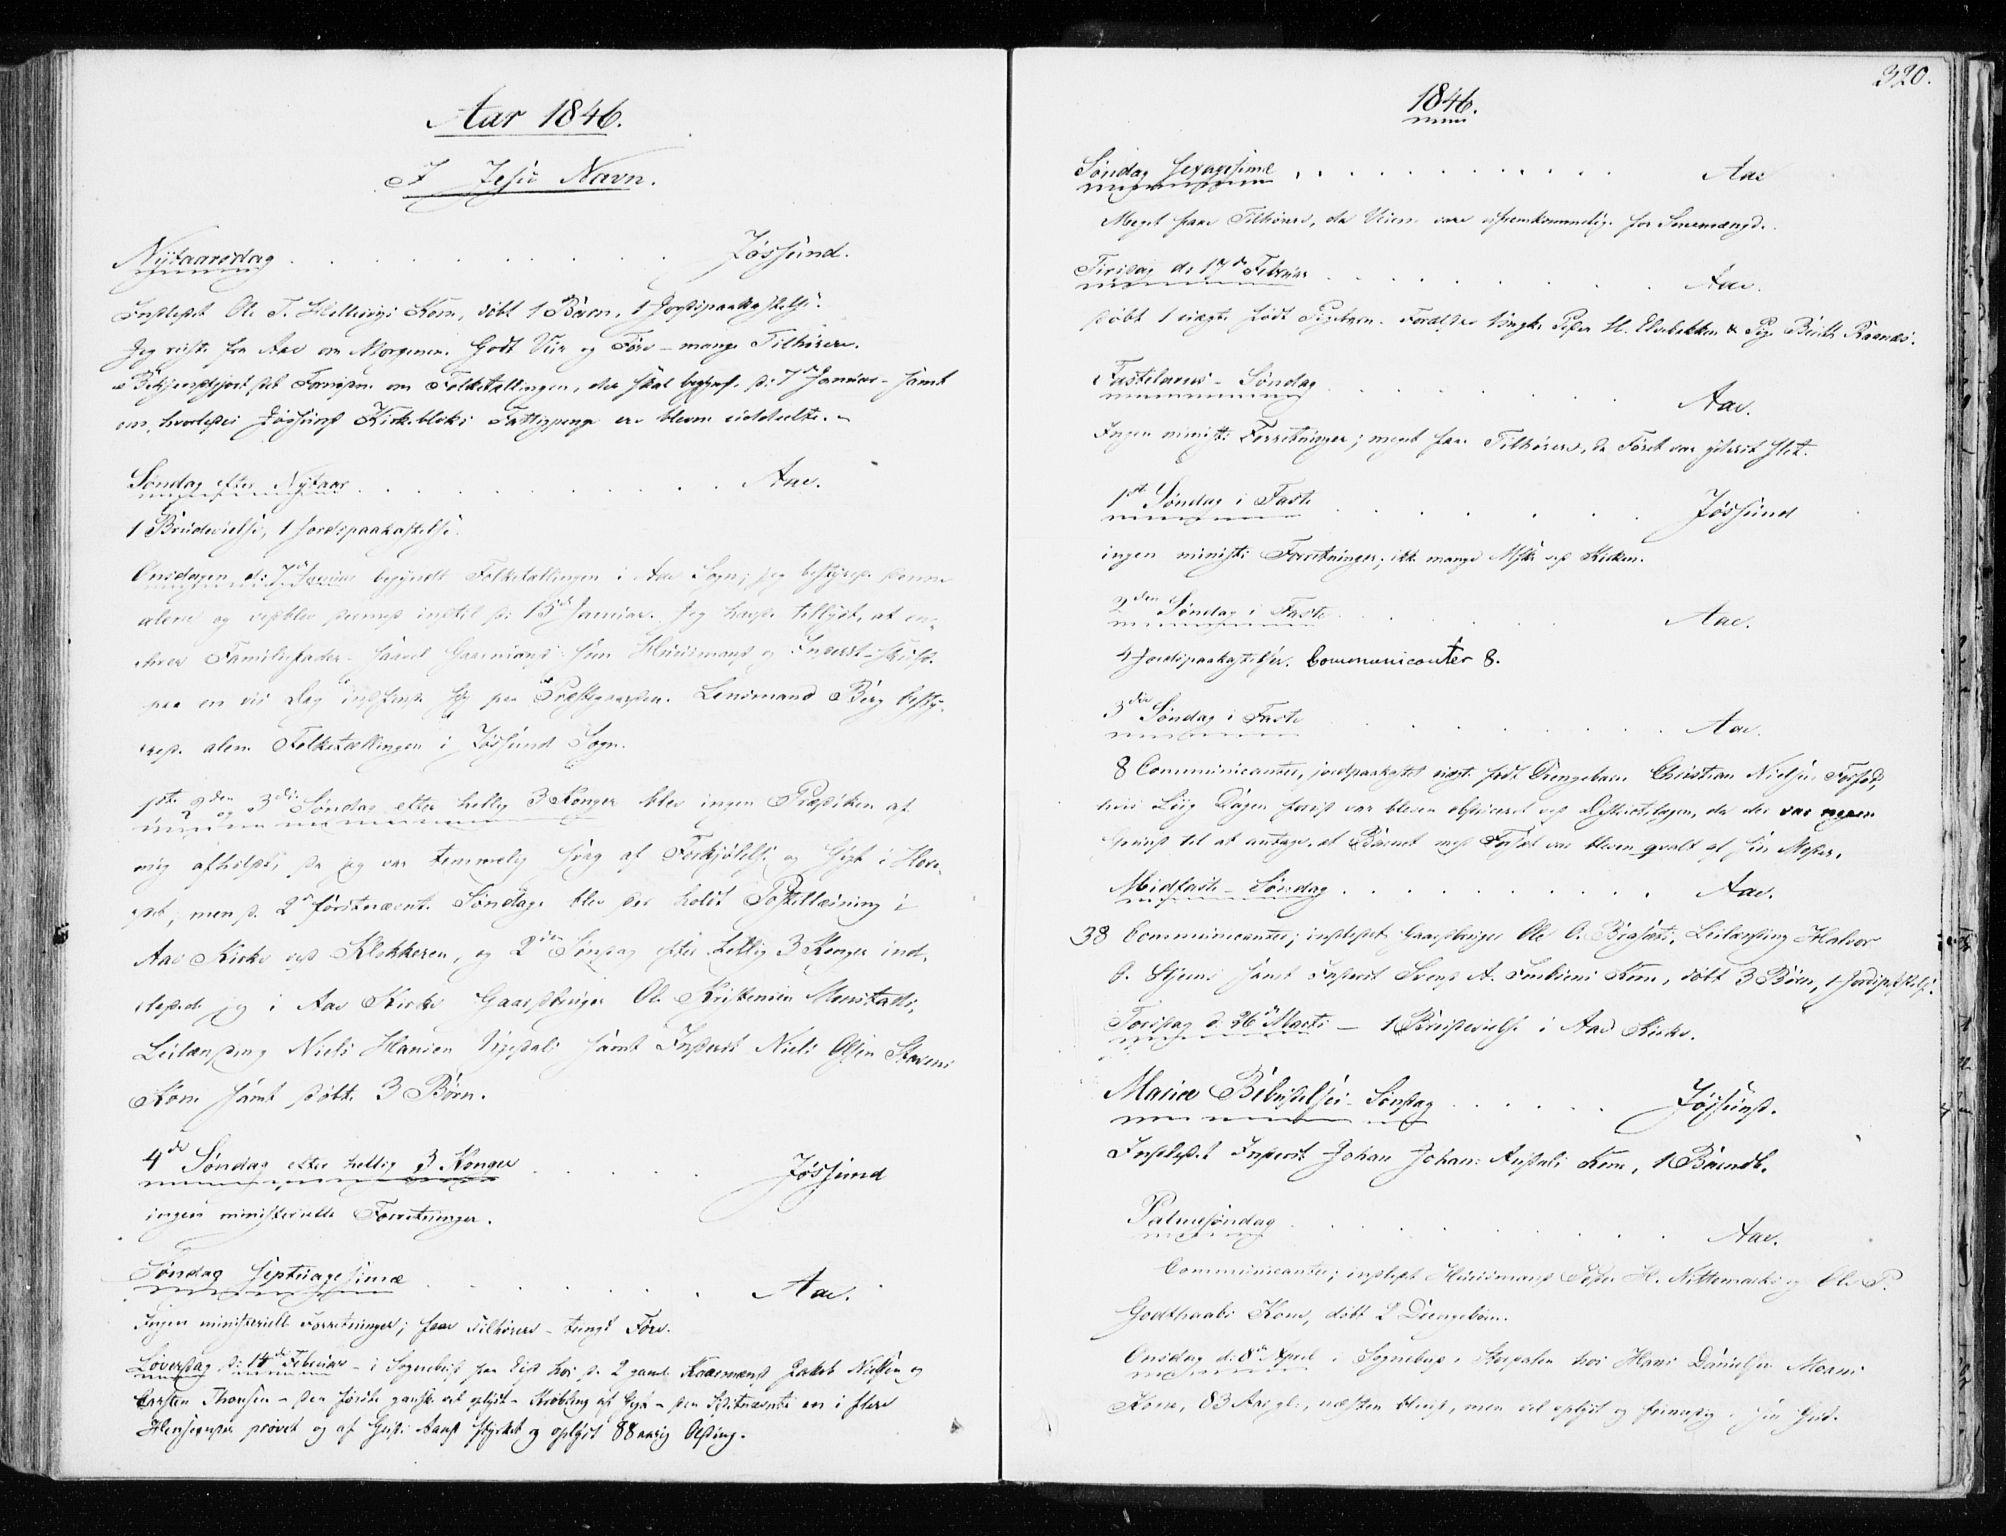 SAT, Ministerialprotokoller, klokkerbøker og fødselsregistre - Sør-Trøndelag, 655/L0676: Ministerialbok nr. 655A05, 1830-1847, s. 320